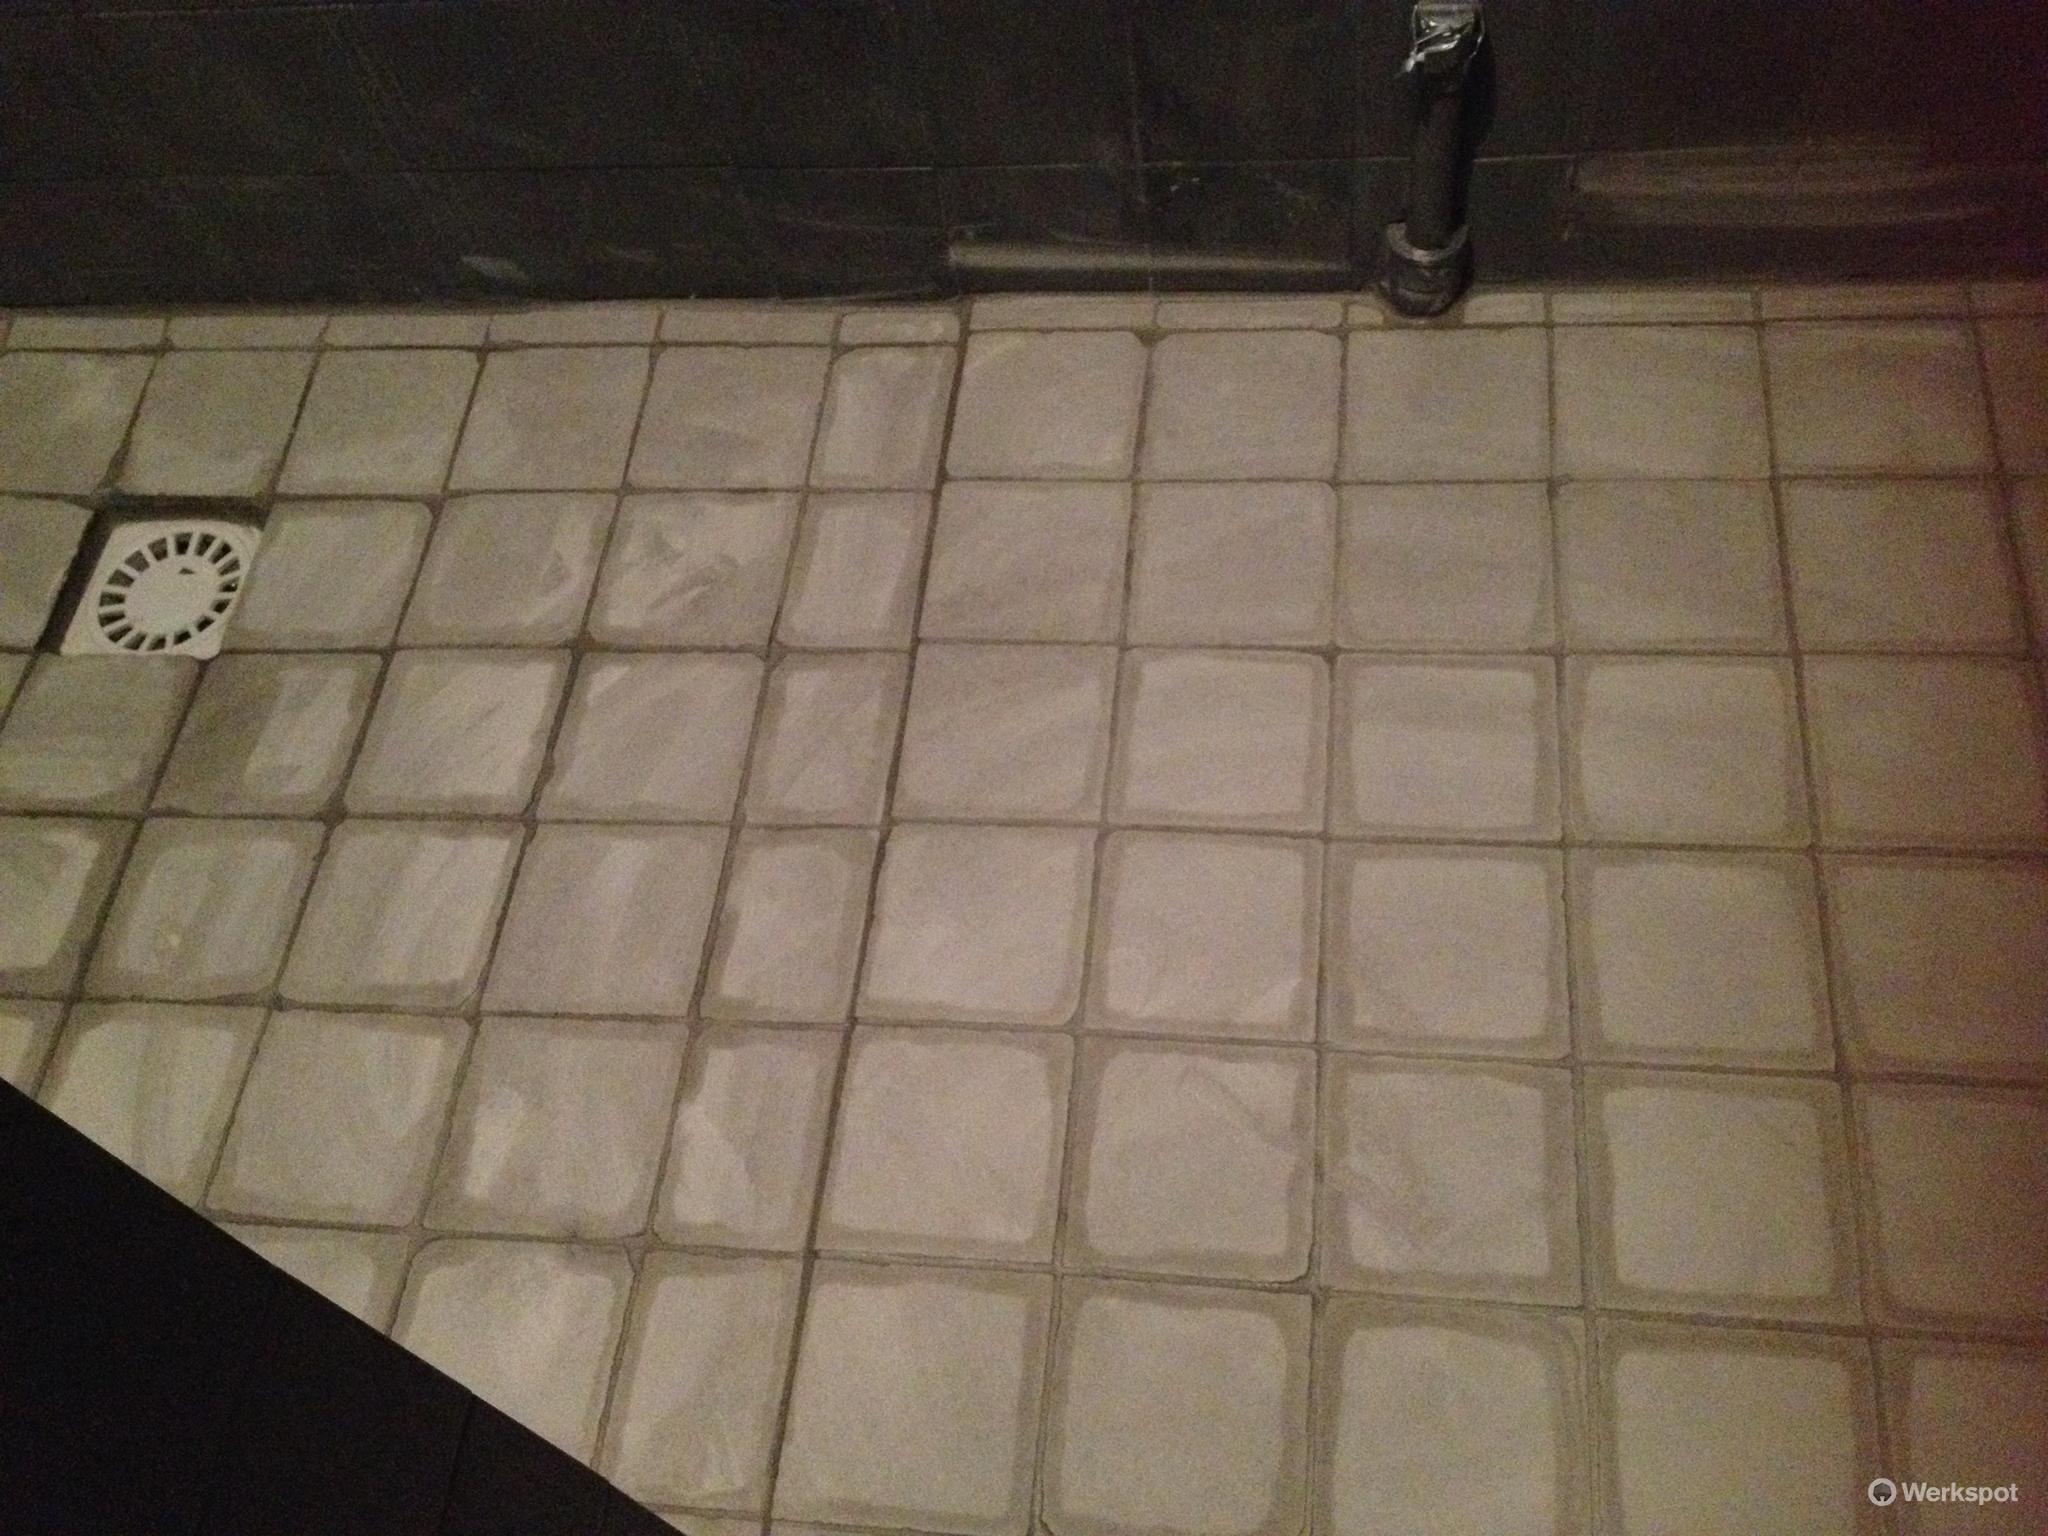 Vloertegels Voor Badkamer : Op korte termijn vloertegels badkamer leggen materiaal aanwezig